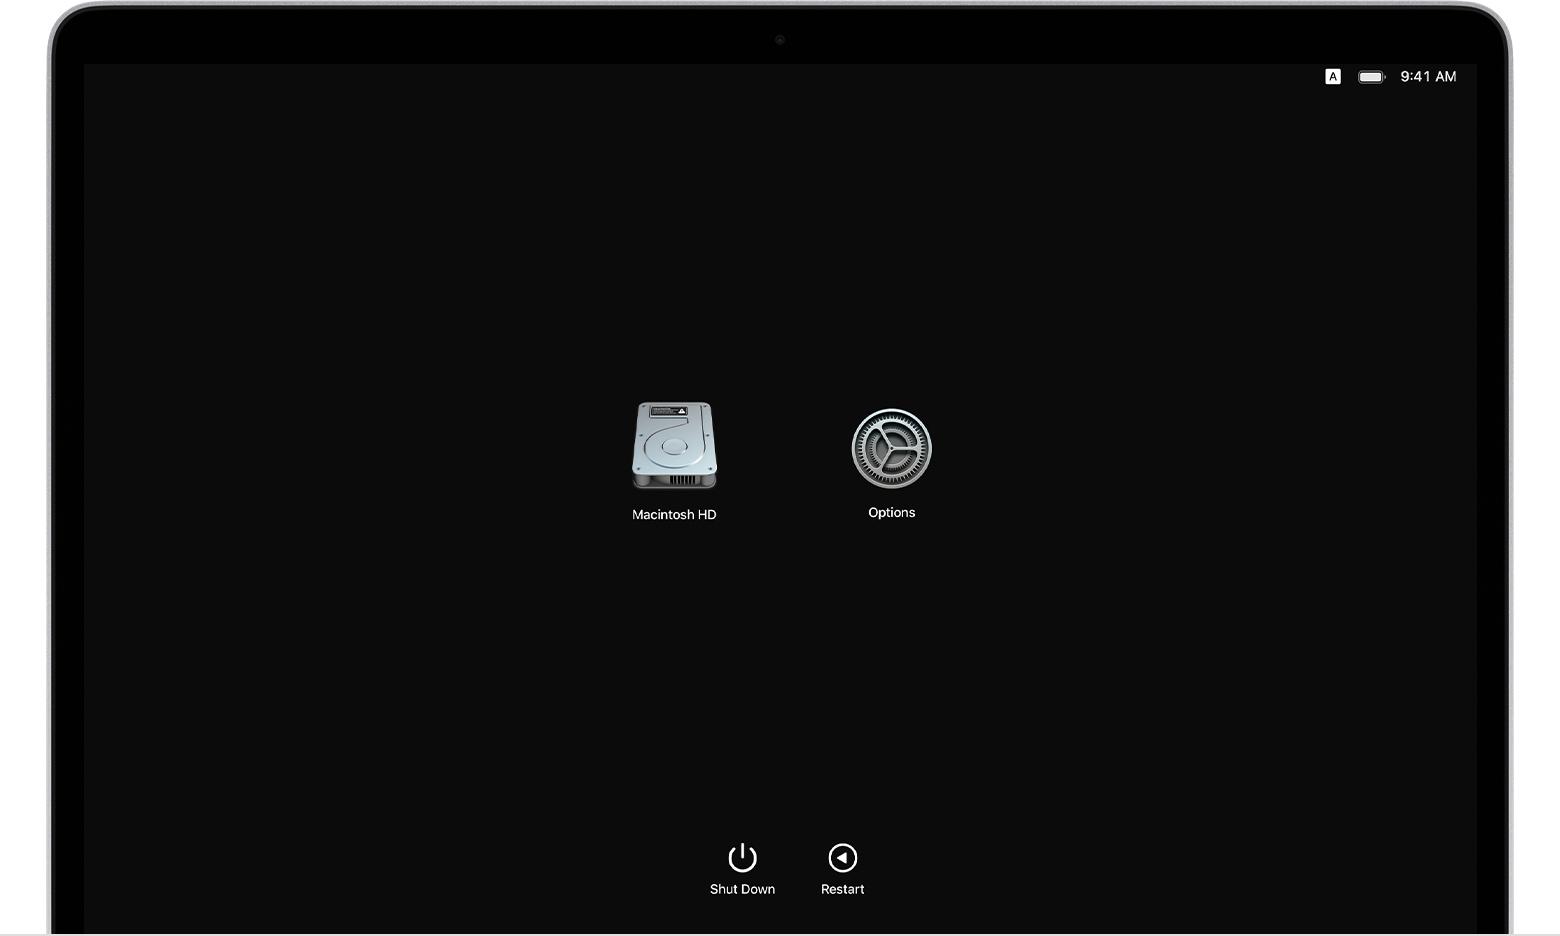 苹果提供解决方法,修复 M1 Mac macOS 重装错误